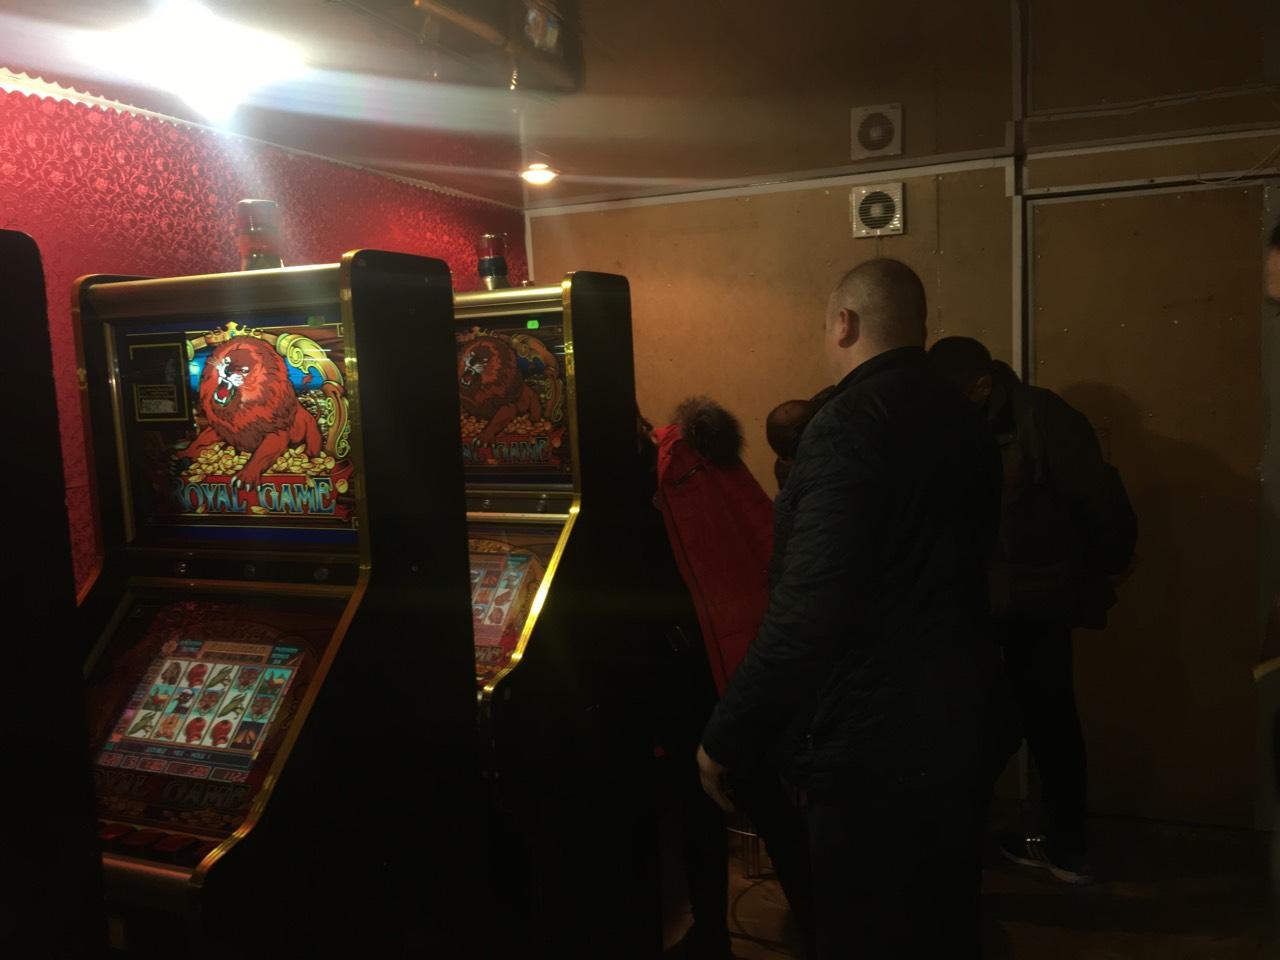 igrovie-avtomati-v-2018-godu-mogut-rabotat